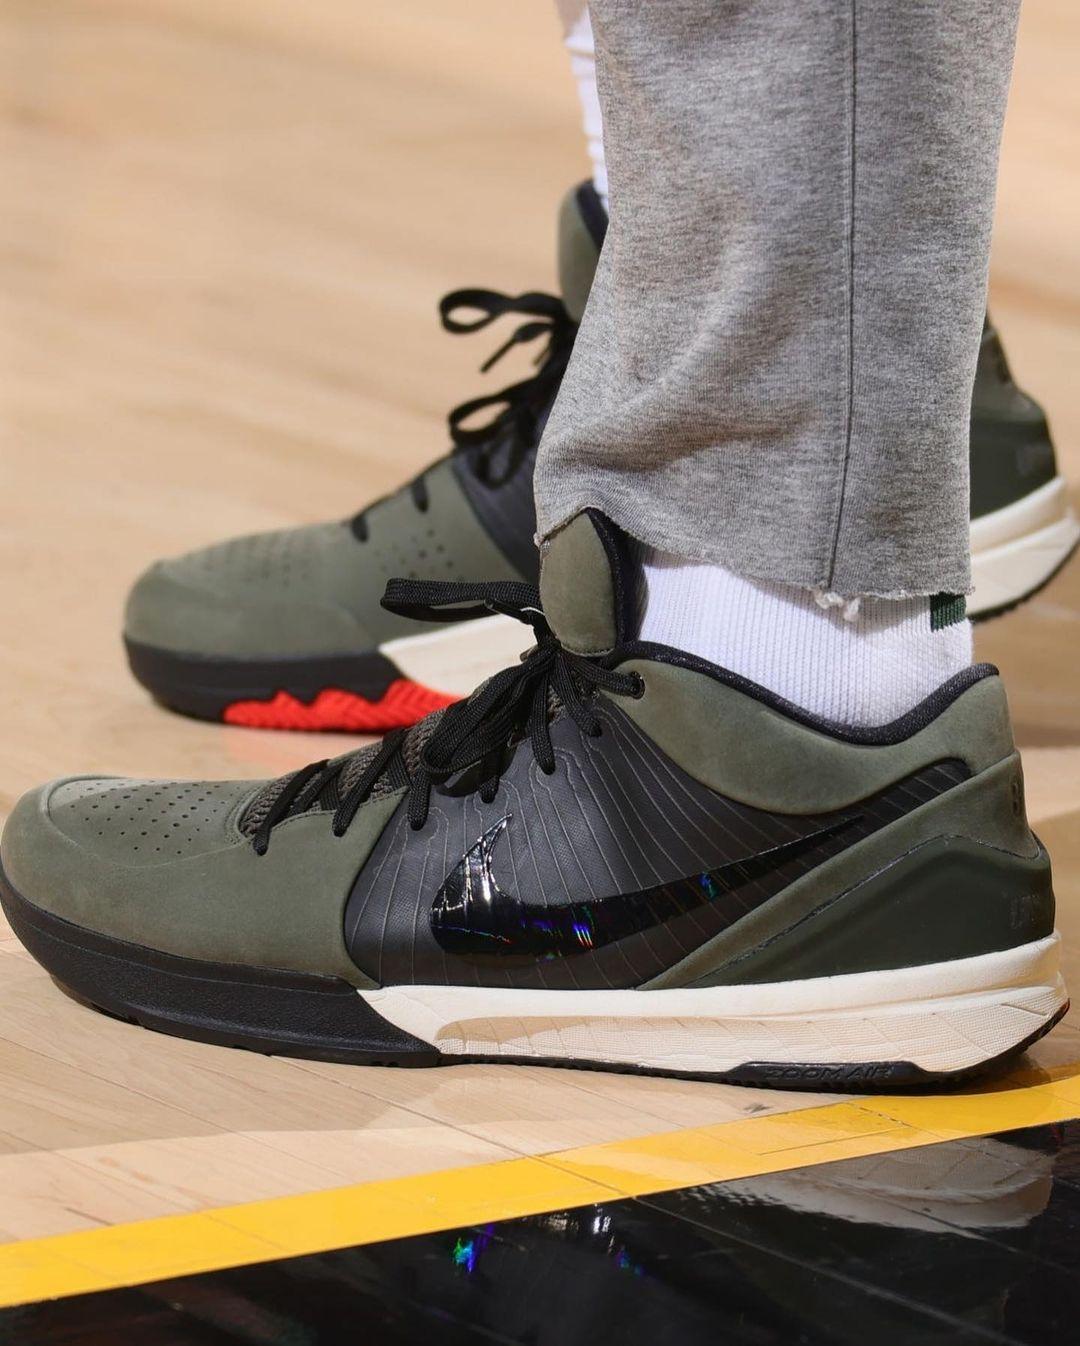 Nike,Nike Mag,UNDEFEATED,Zoom  塔克上脚 Nike Mag 直接刷屏!还穿着更狠的鞋打比赛!